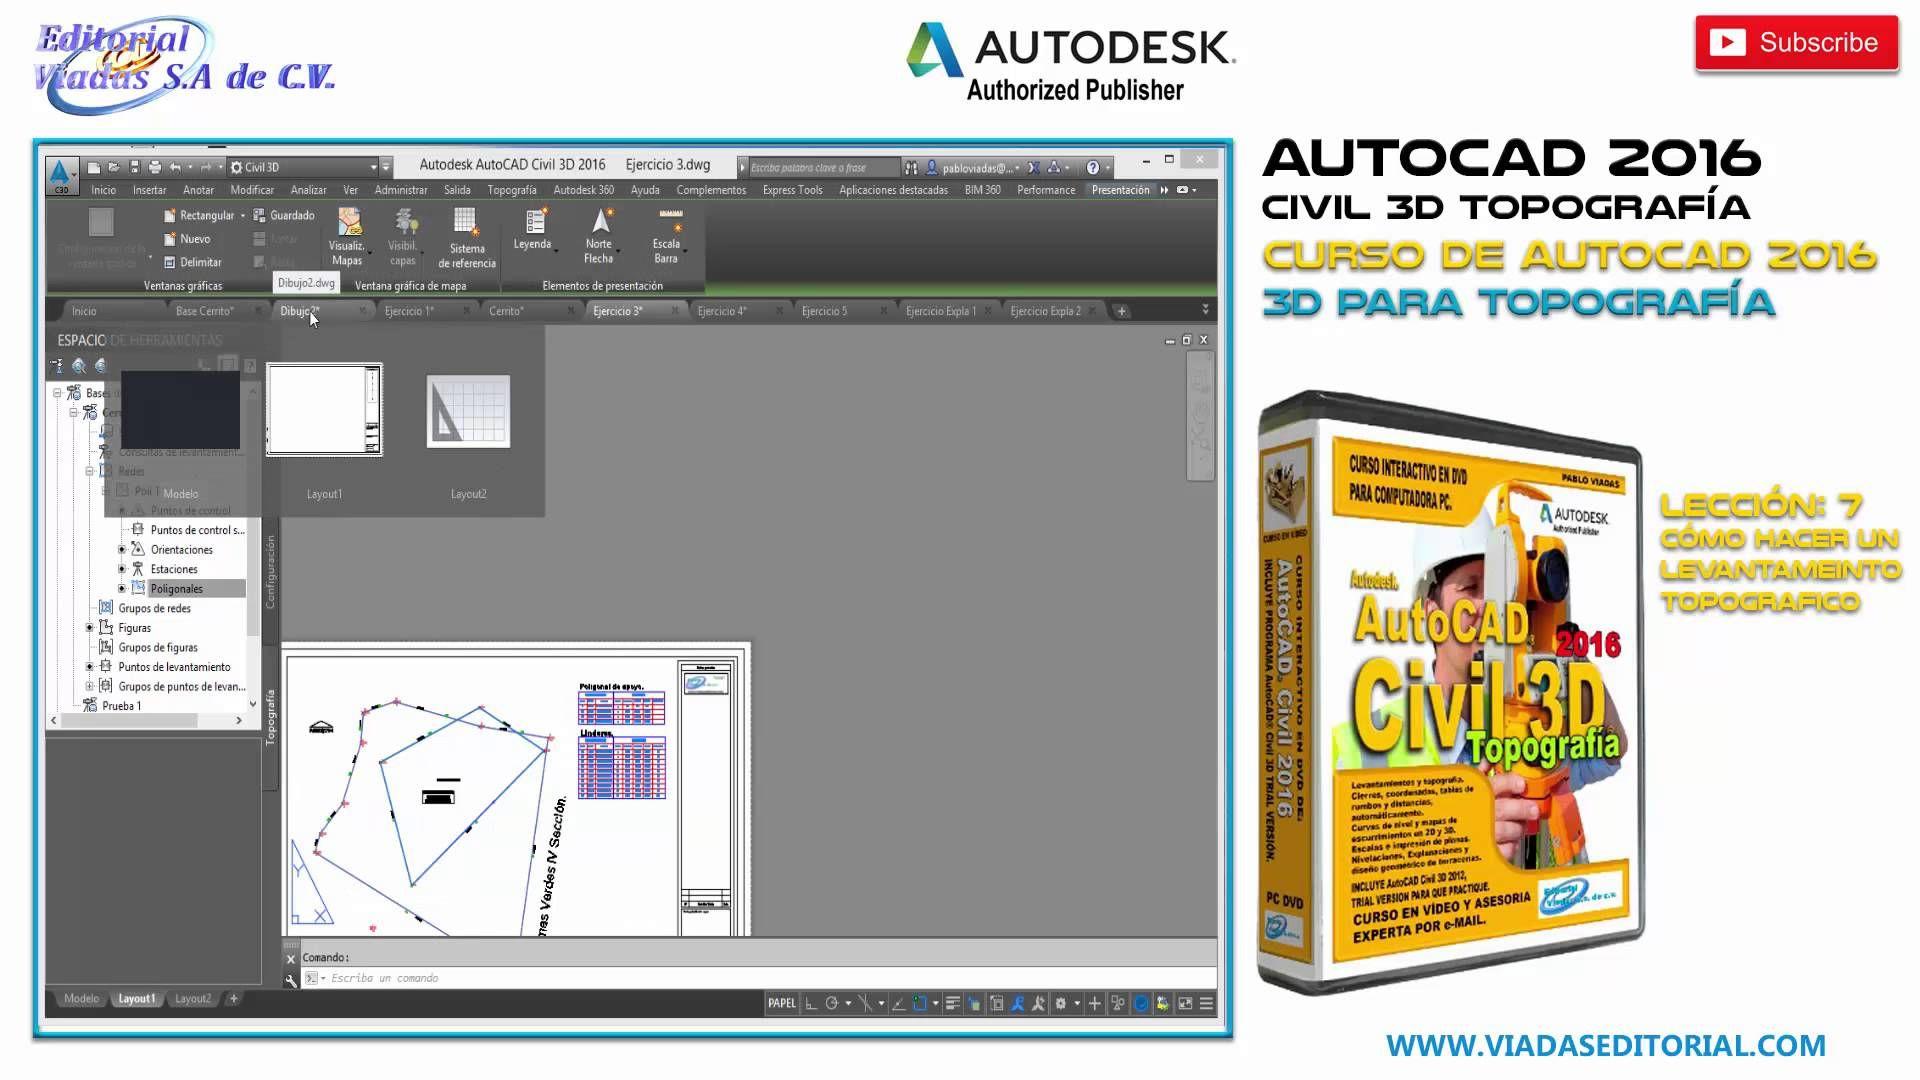 Autocad Civil 3d 2016 Curso Completo Tutorial Topografía Lección 7 Autocad Topografía Cursillo